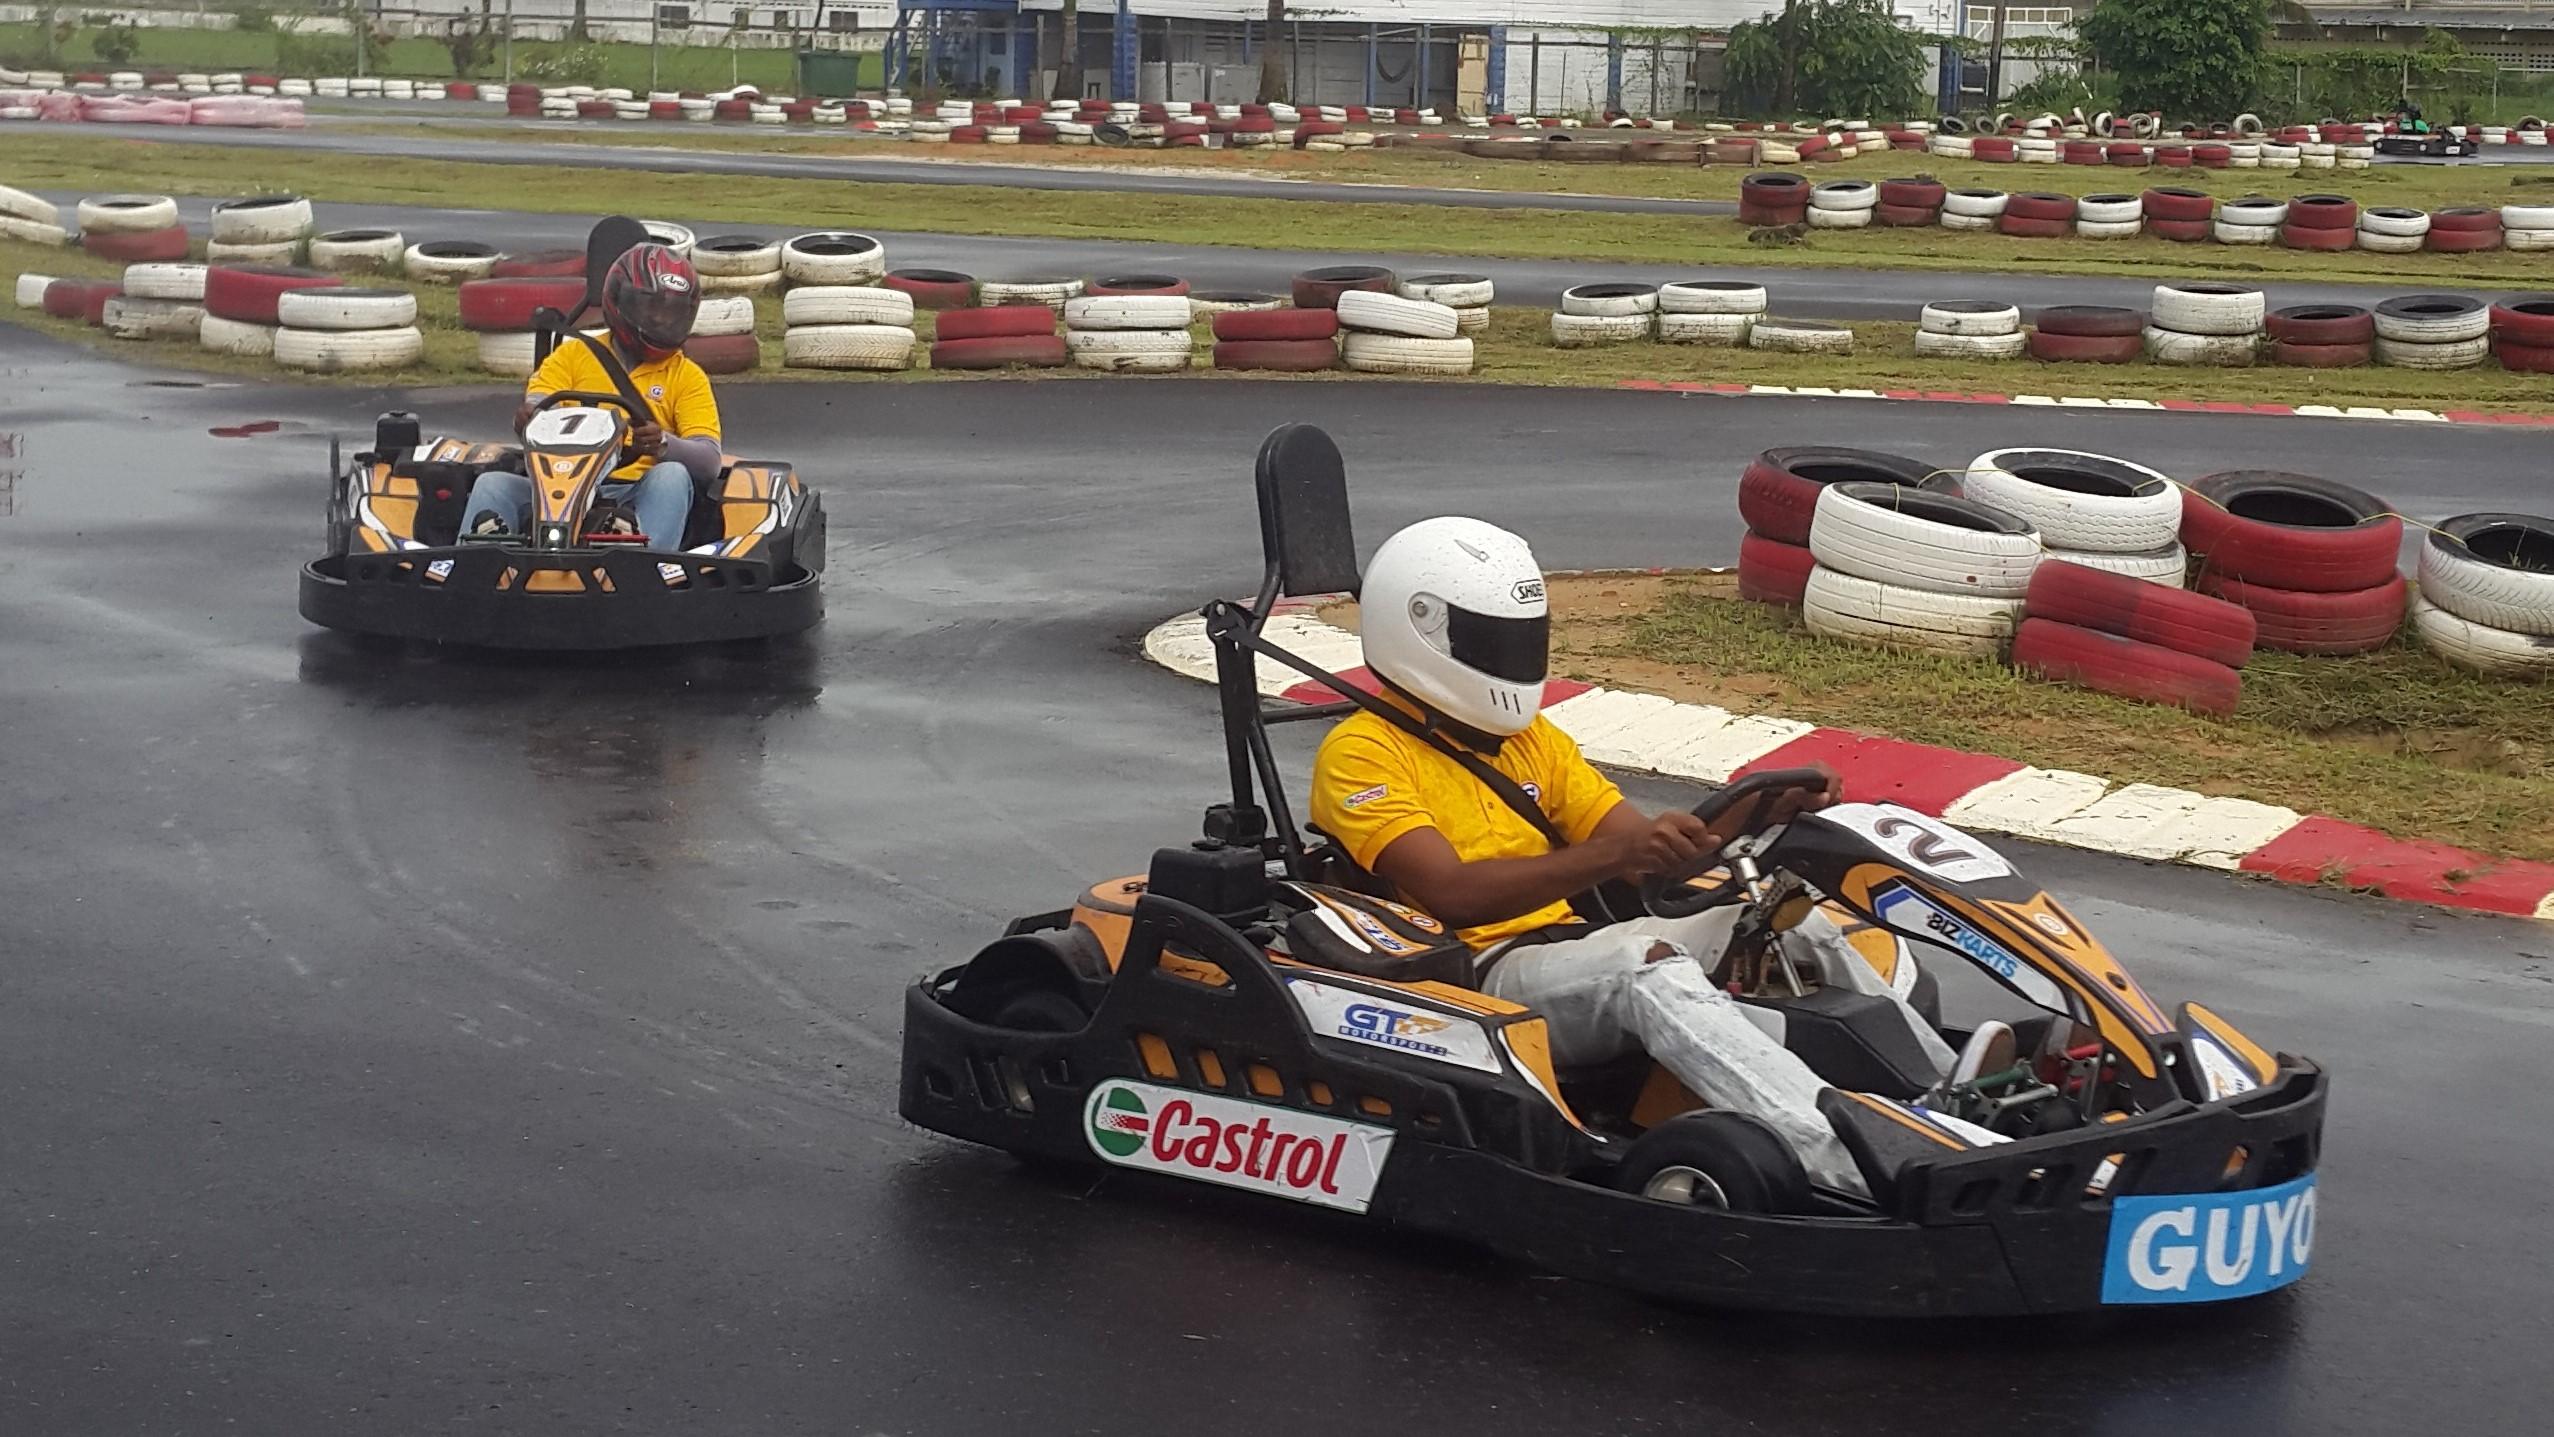 guyana kart UG's 'Race for Pace' meets $4M target with Go kart event – News  guyana kart